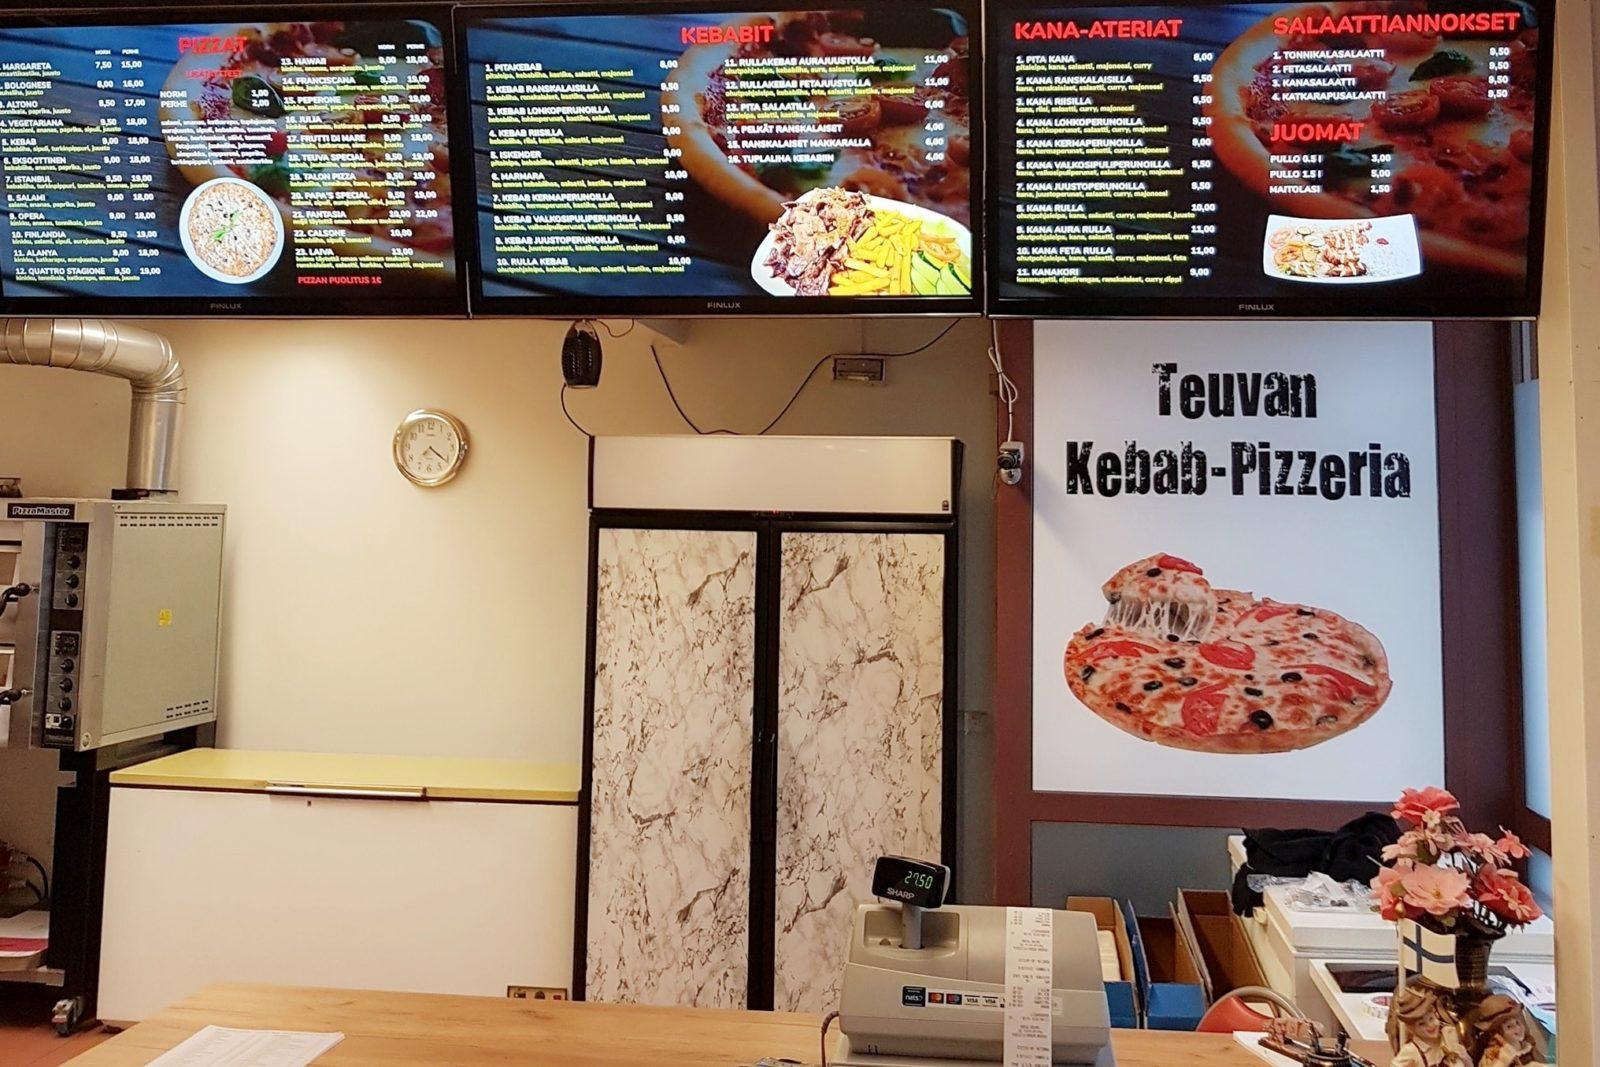 Sisäkuva Teuvan kebab-pizzeriasta, kuvassa hinnasto ja myyntitiski.